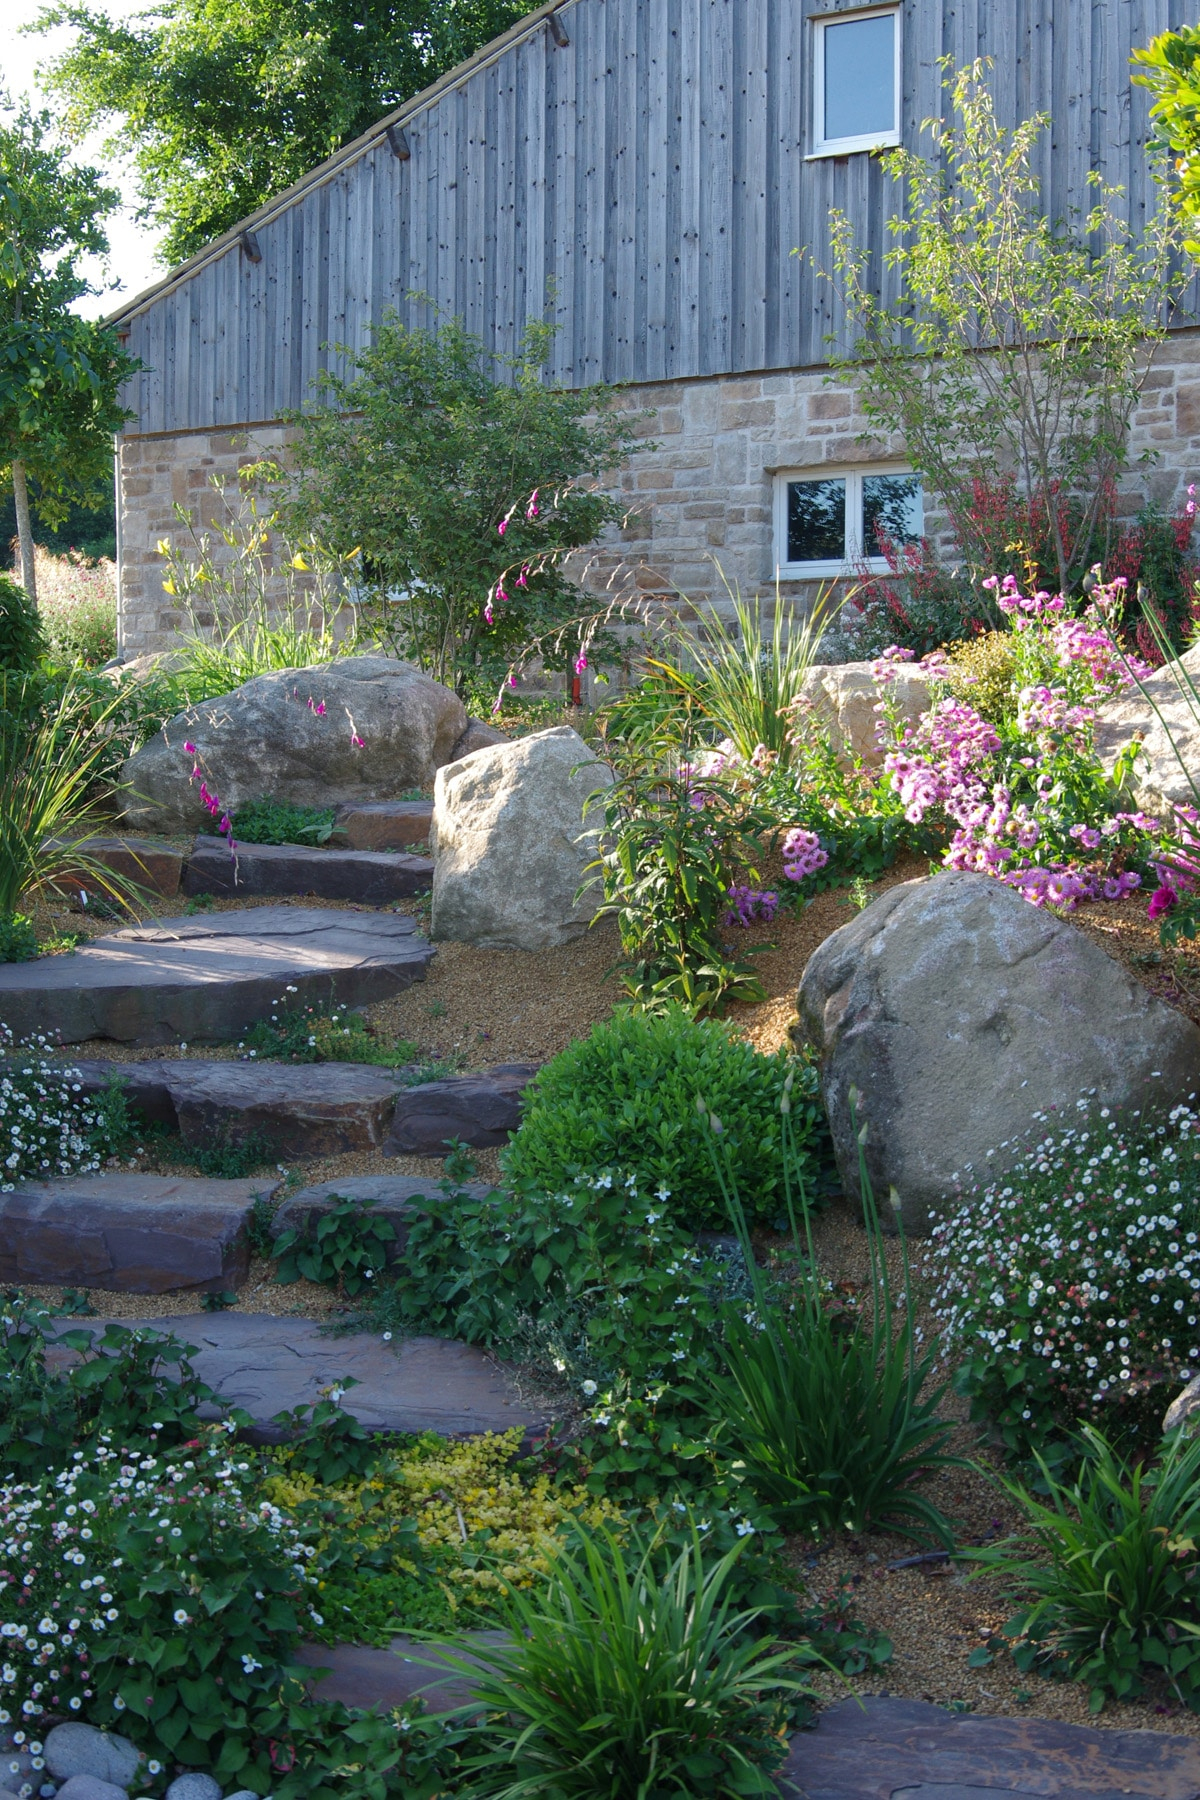 Rocaille De Jardin - Plante De Rocaille | Paysages Conseil avec Exemple D Aménagement De Jardin